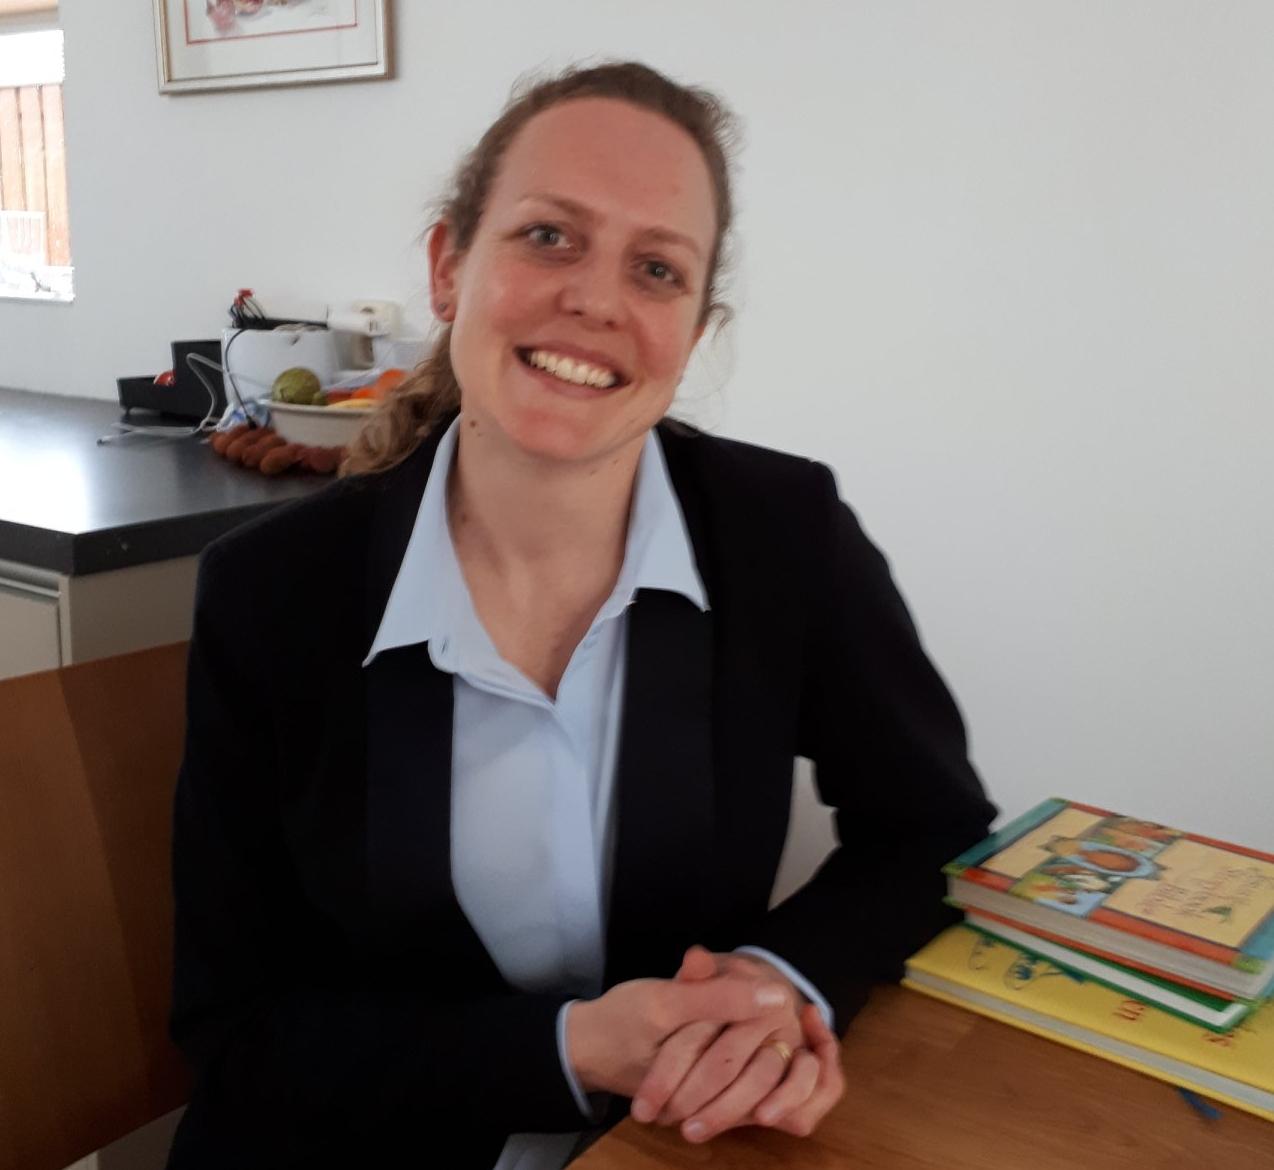 Rosalind Cox Gertenbach